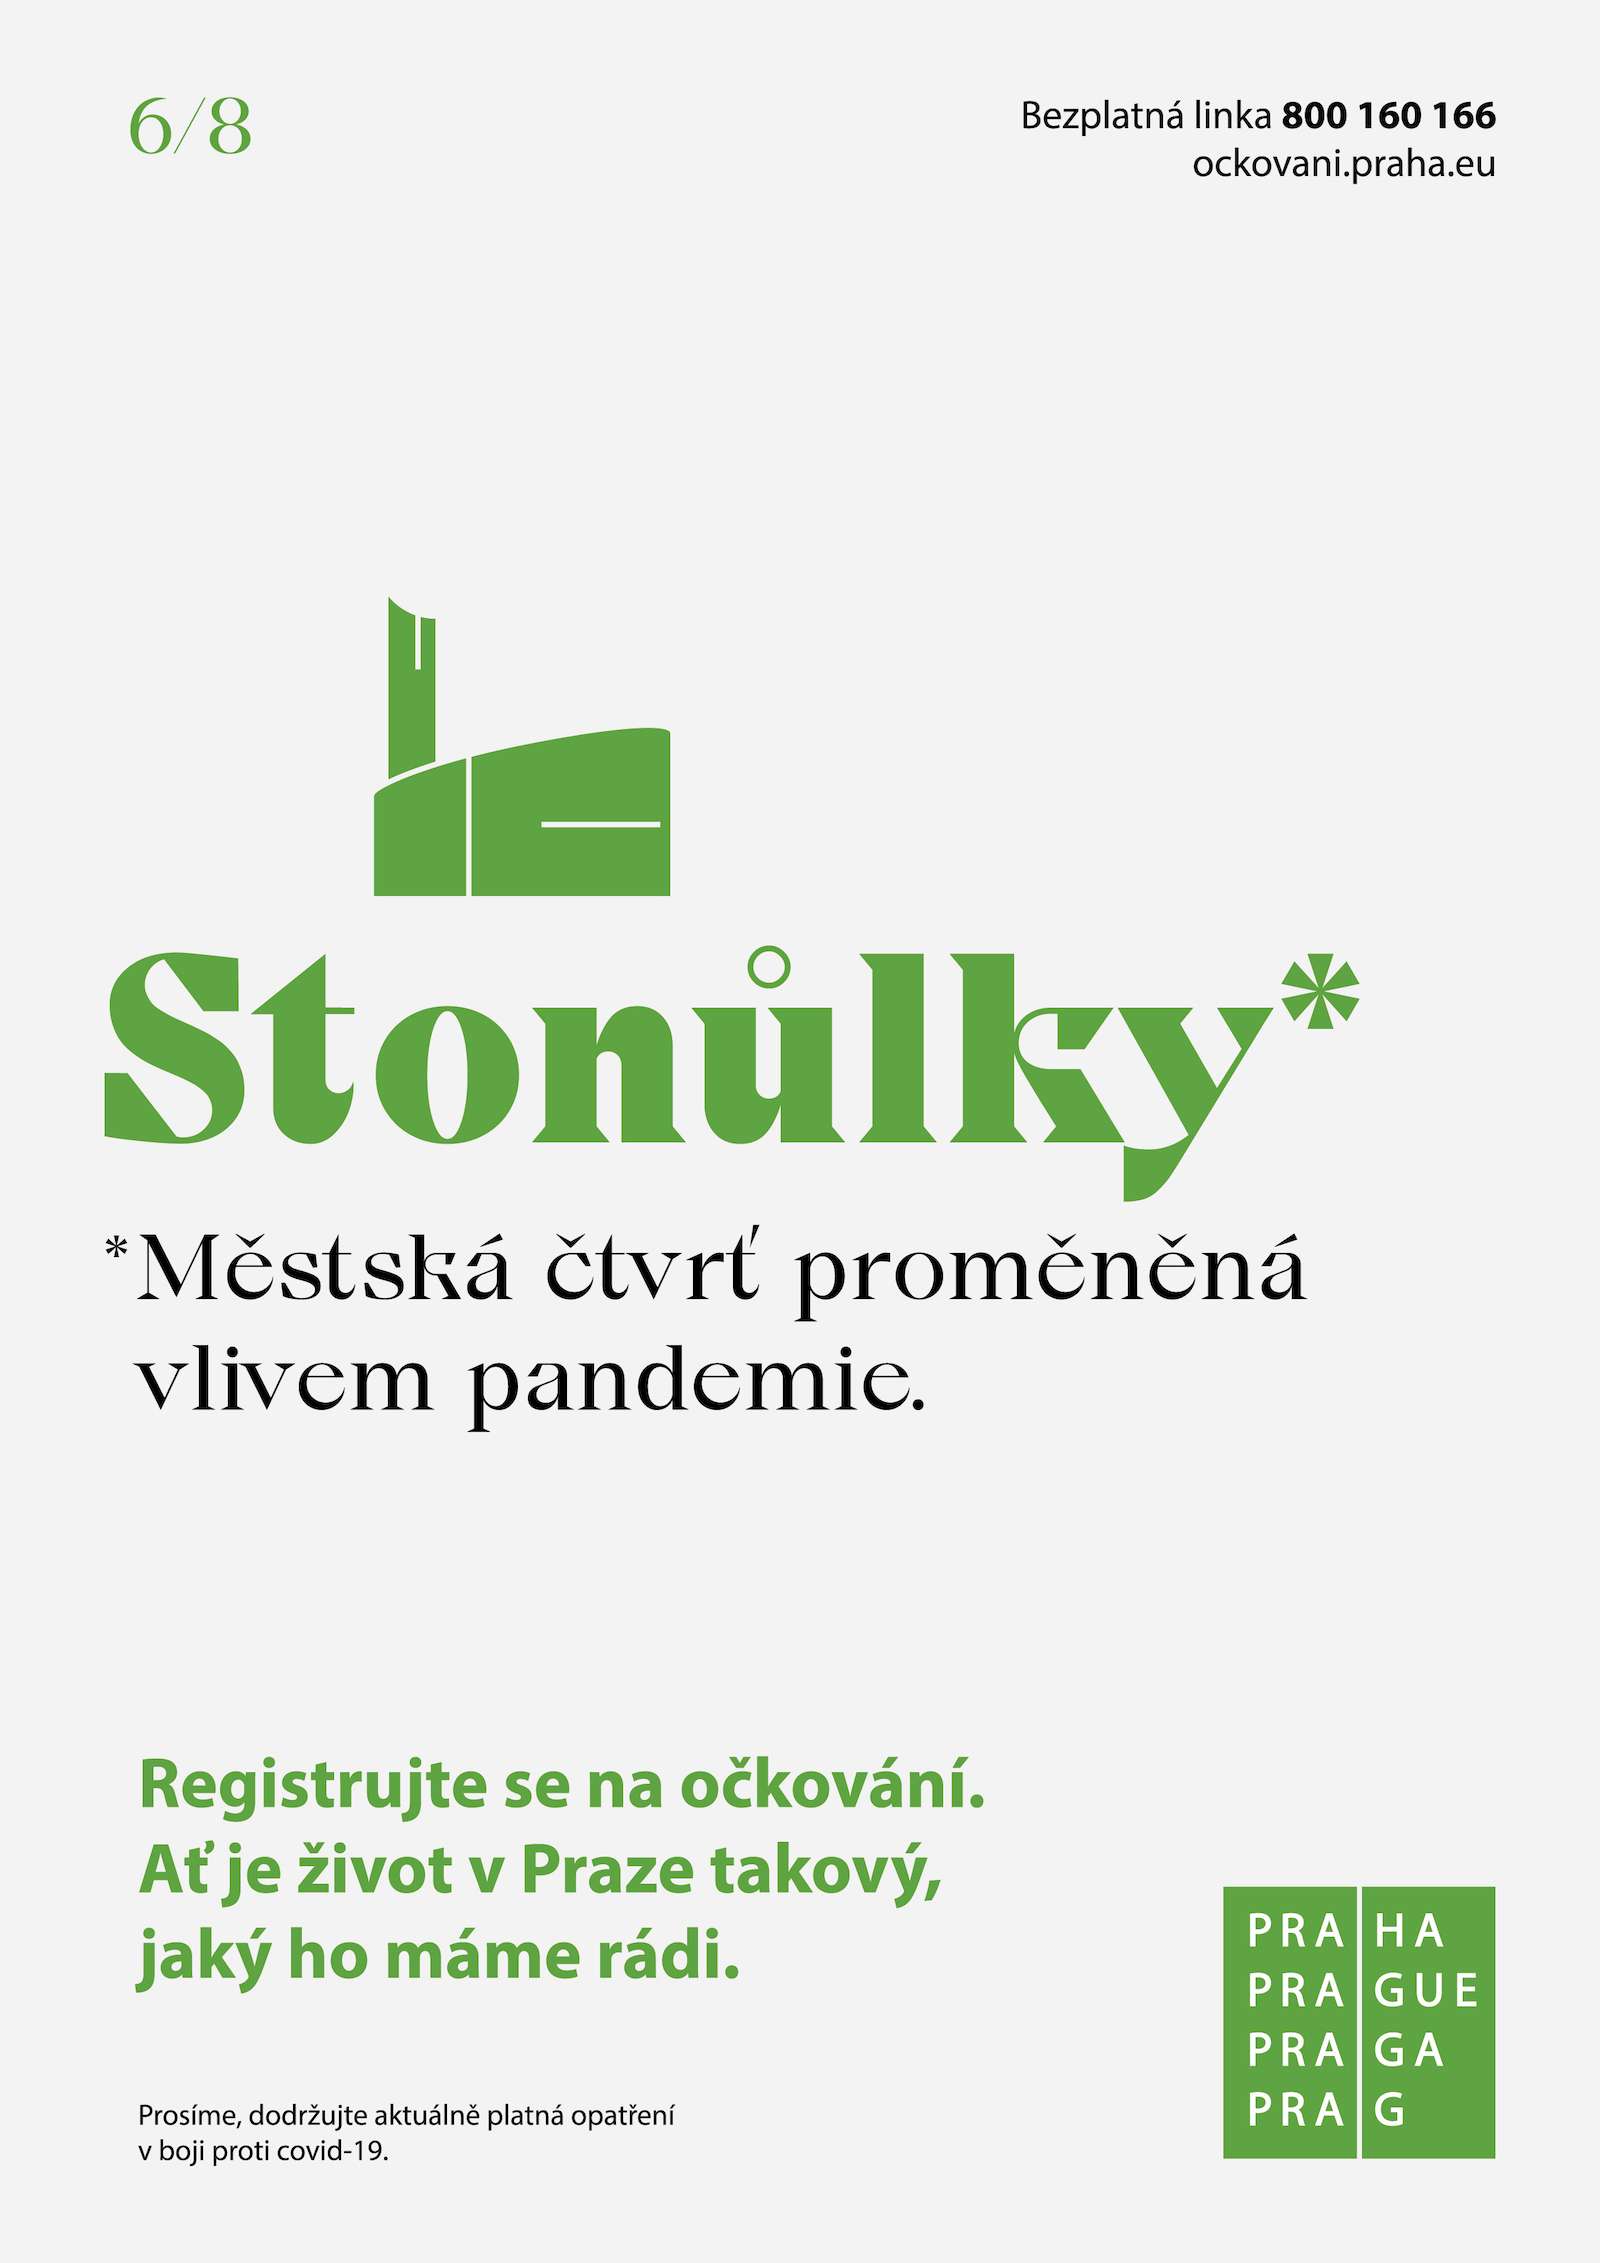 Vizuál kampaně Proměněná Praha (DDB Prague)